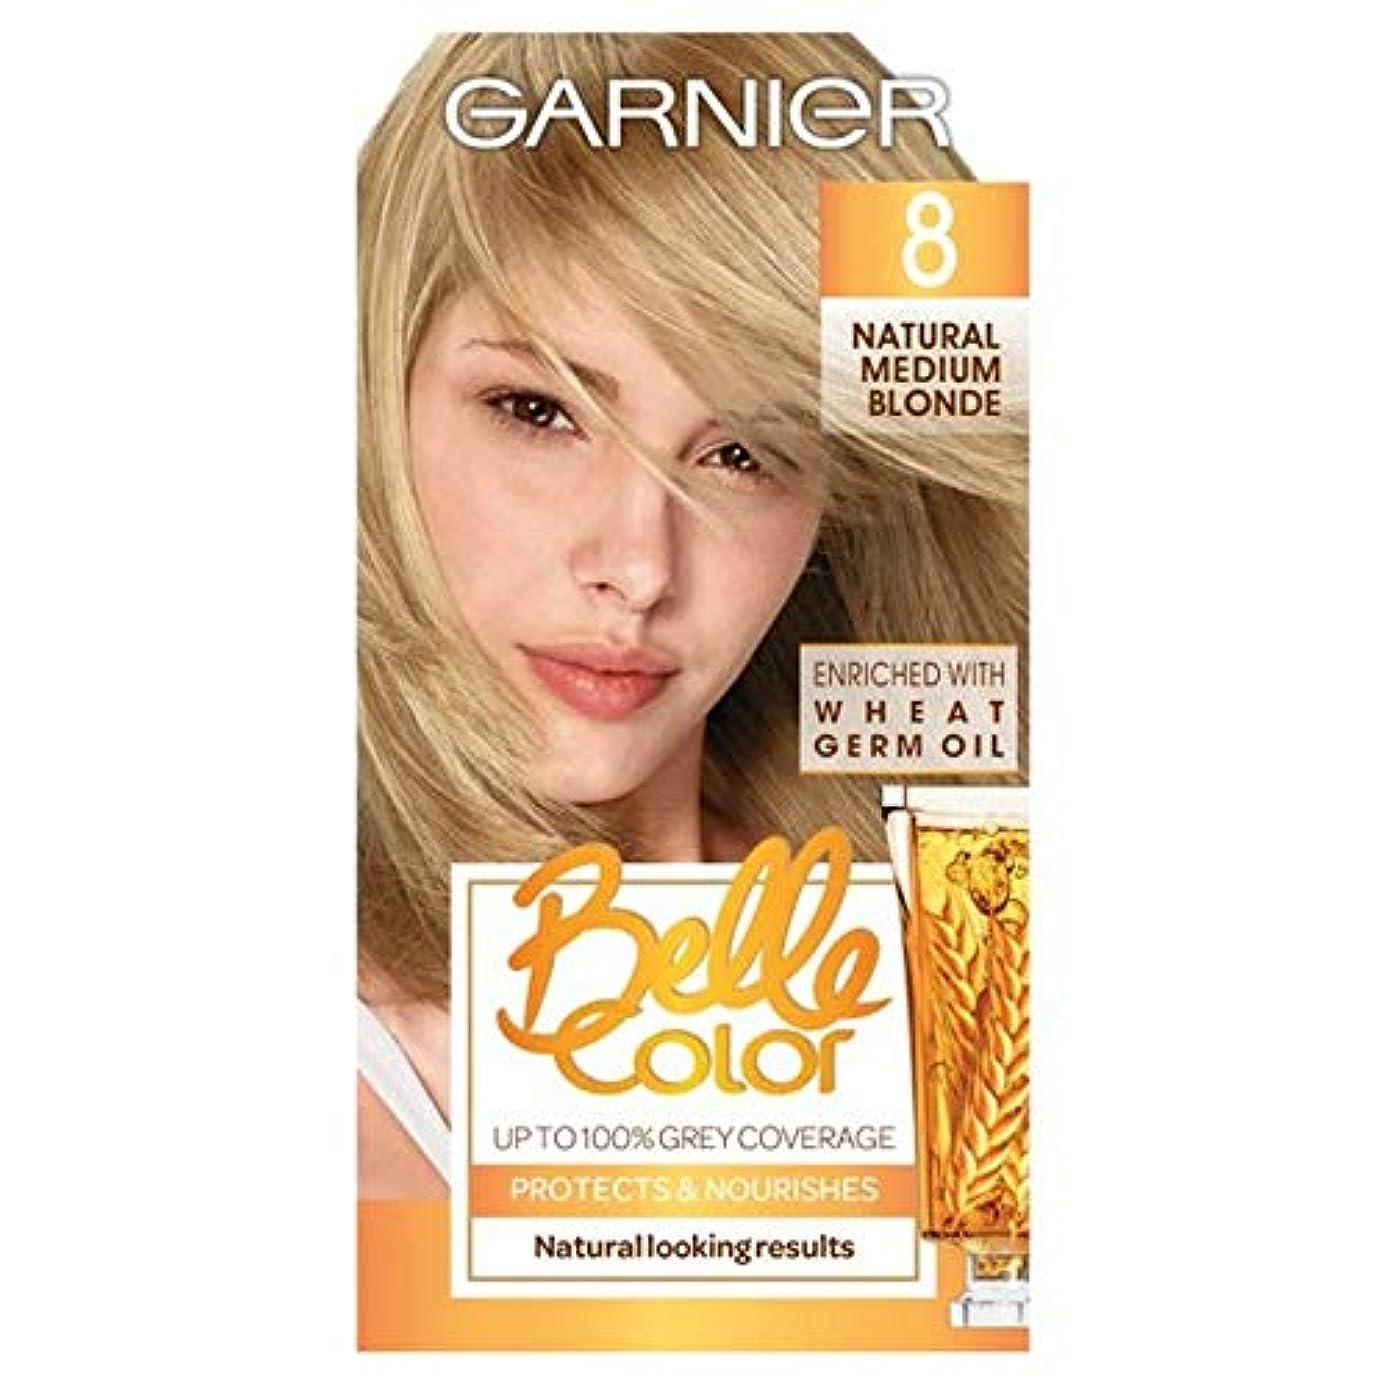 期待する酔っ払い翻訳者[Belle Color ] ガーン/ベル/Clr 8天然培地ブロンドパーマネントヘアダイ - Garn/Bel/Clr 8 Natural Medium Blonde Permanent Hair Dye [並行輸入品]